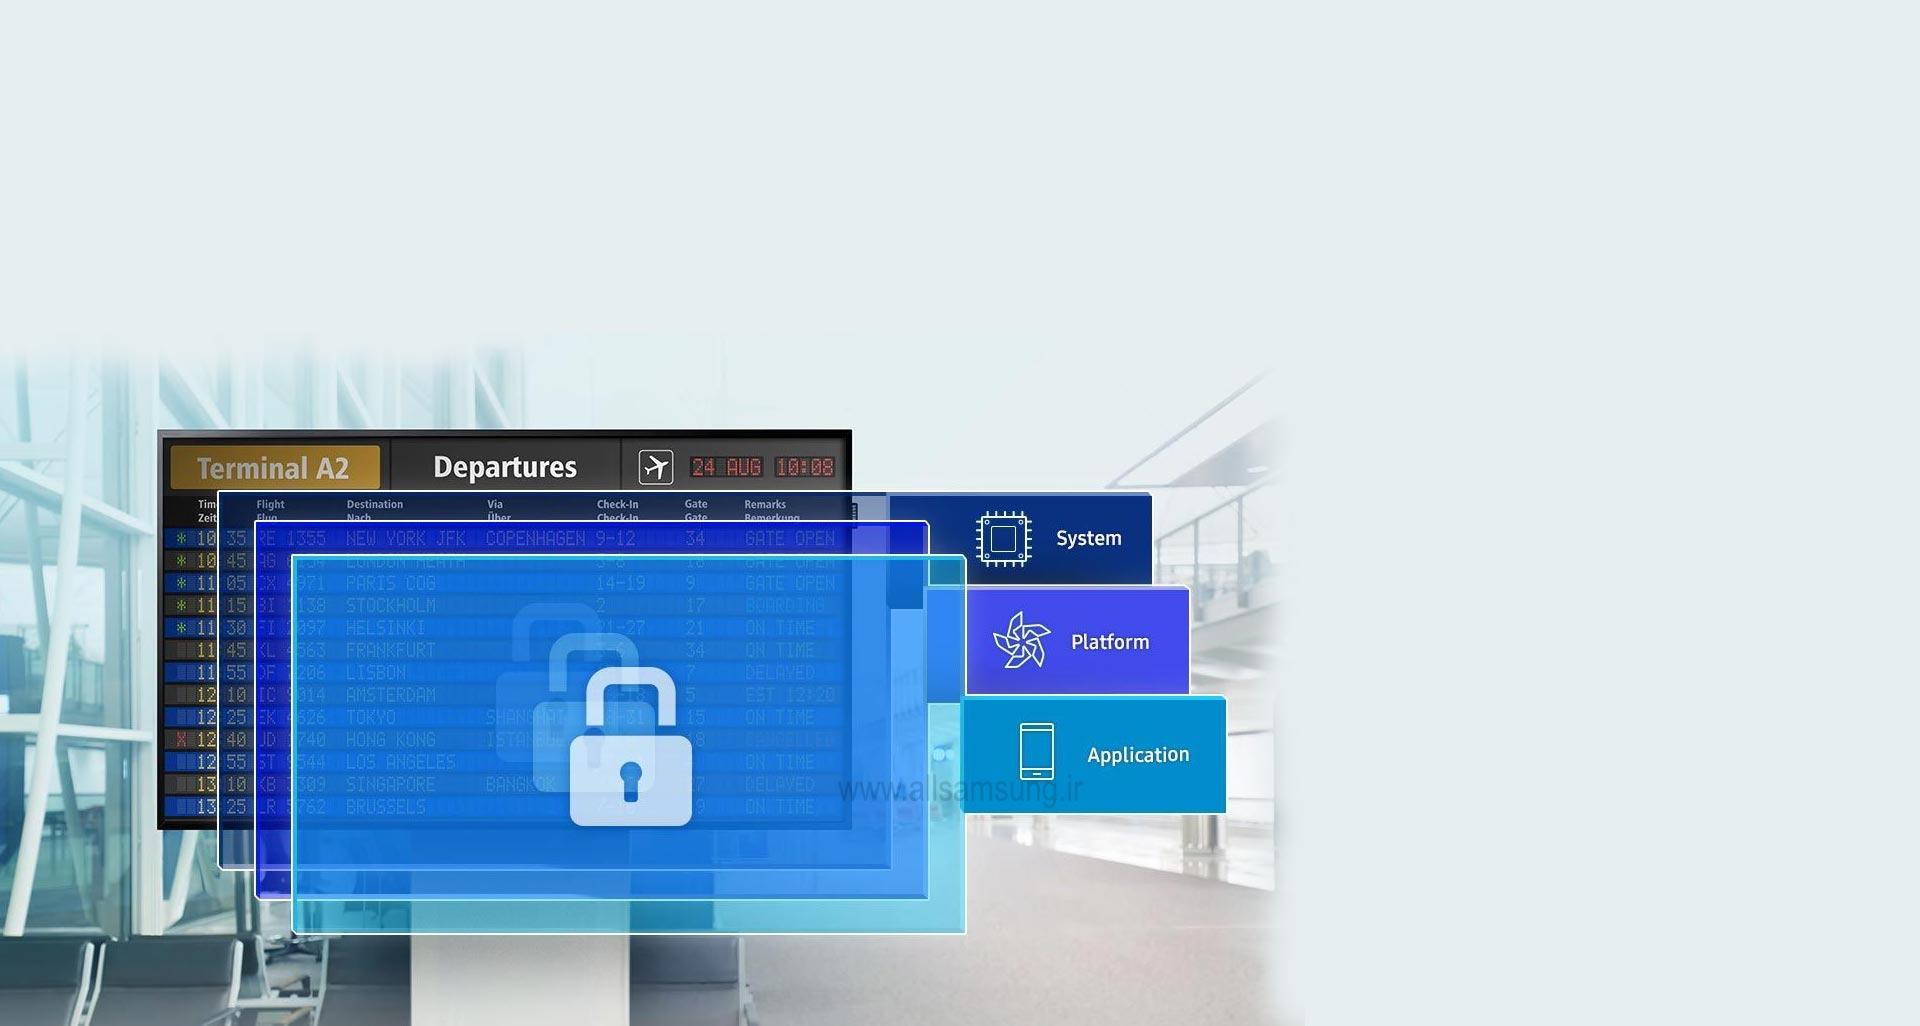 حمایت از کسب و کار و اطلاعات مشتری از طریق سیستم امنیتی قوی و وسیع